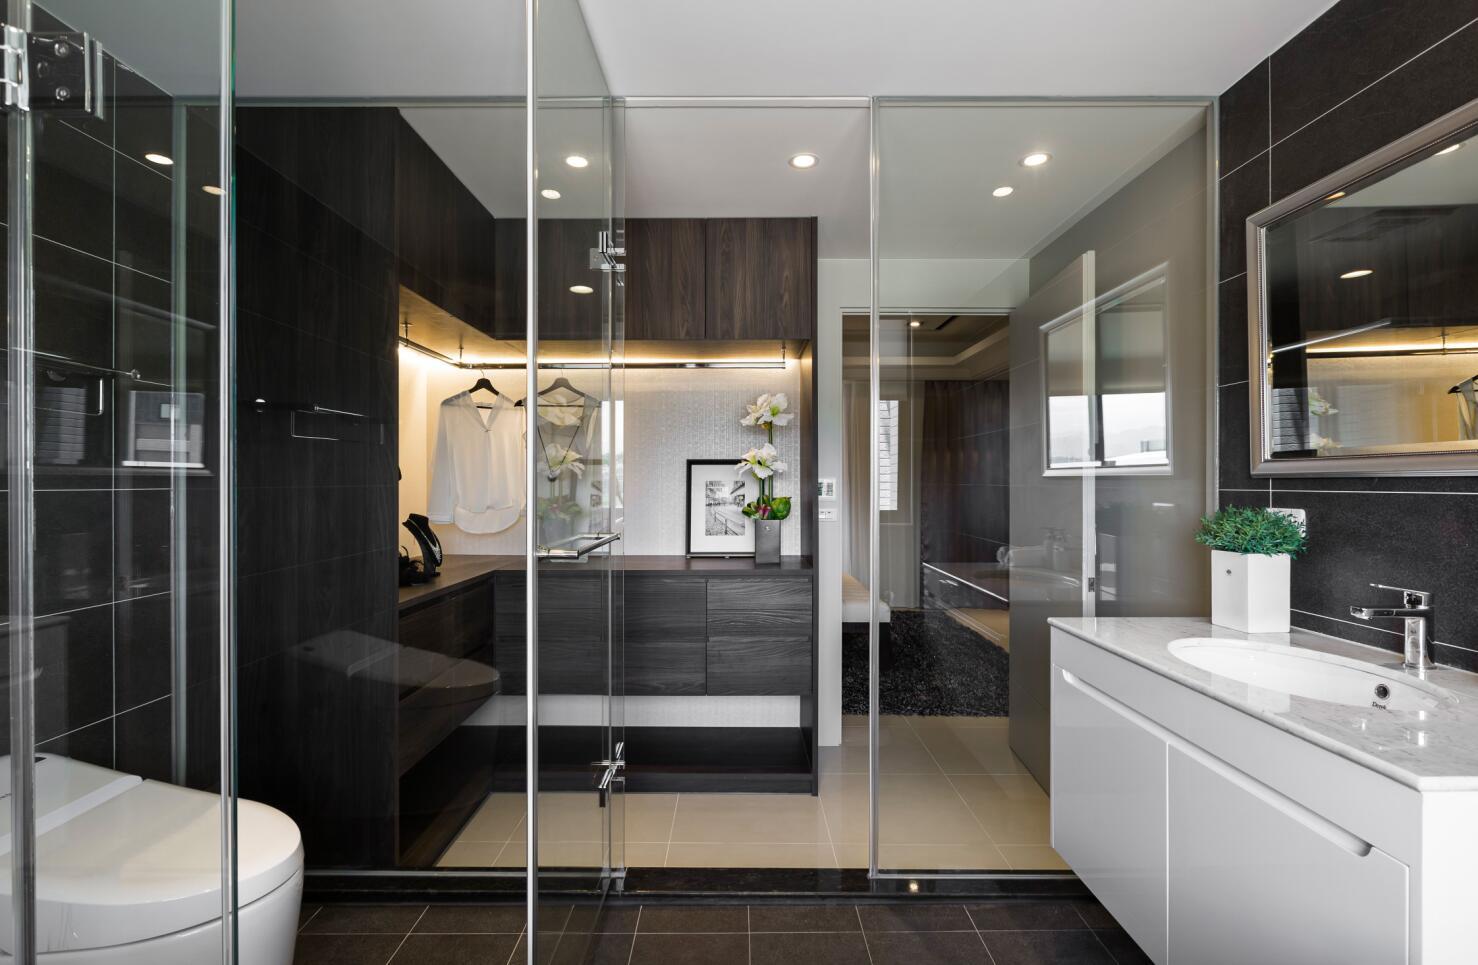 万科第五园 装修设计 现代风格 腾龙设计 卫生间图片来自腾龙设计在万科第五园别墅装修现代风格设计的分享